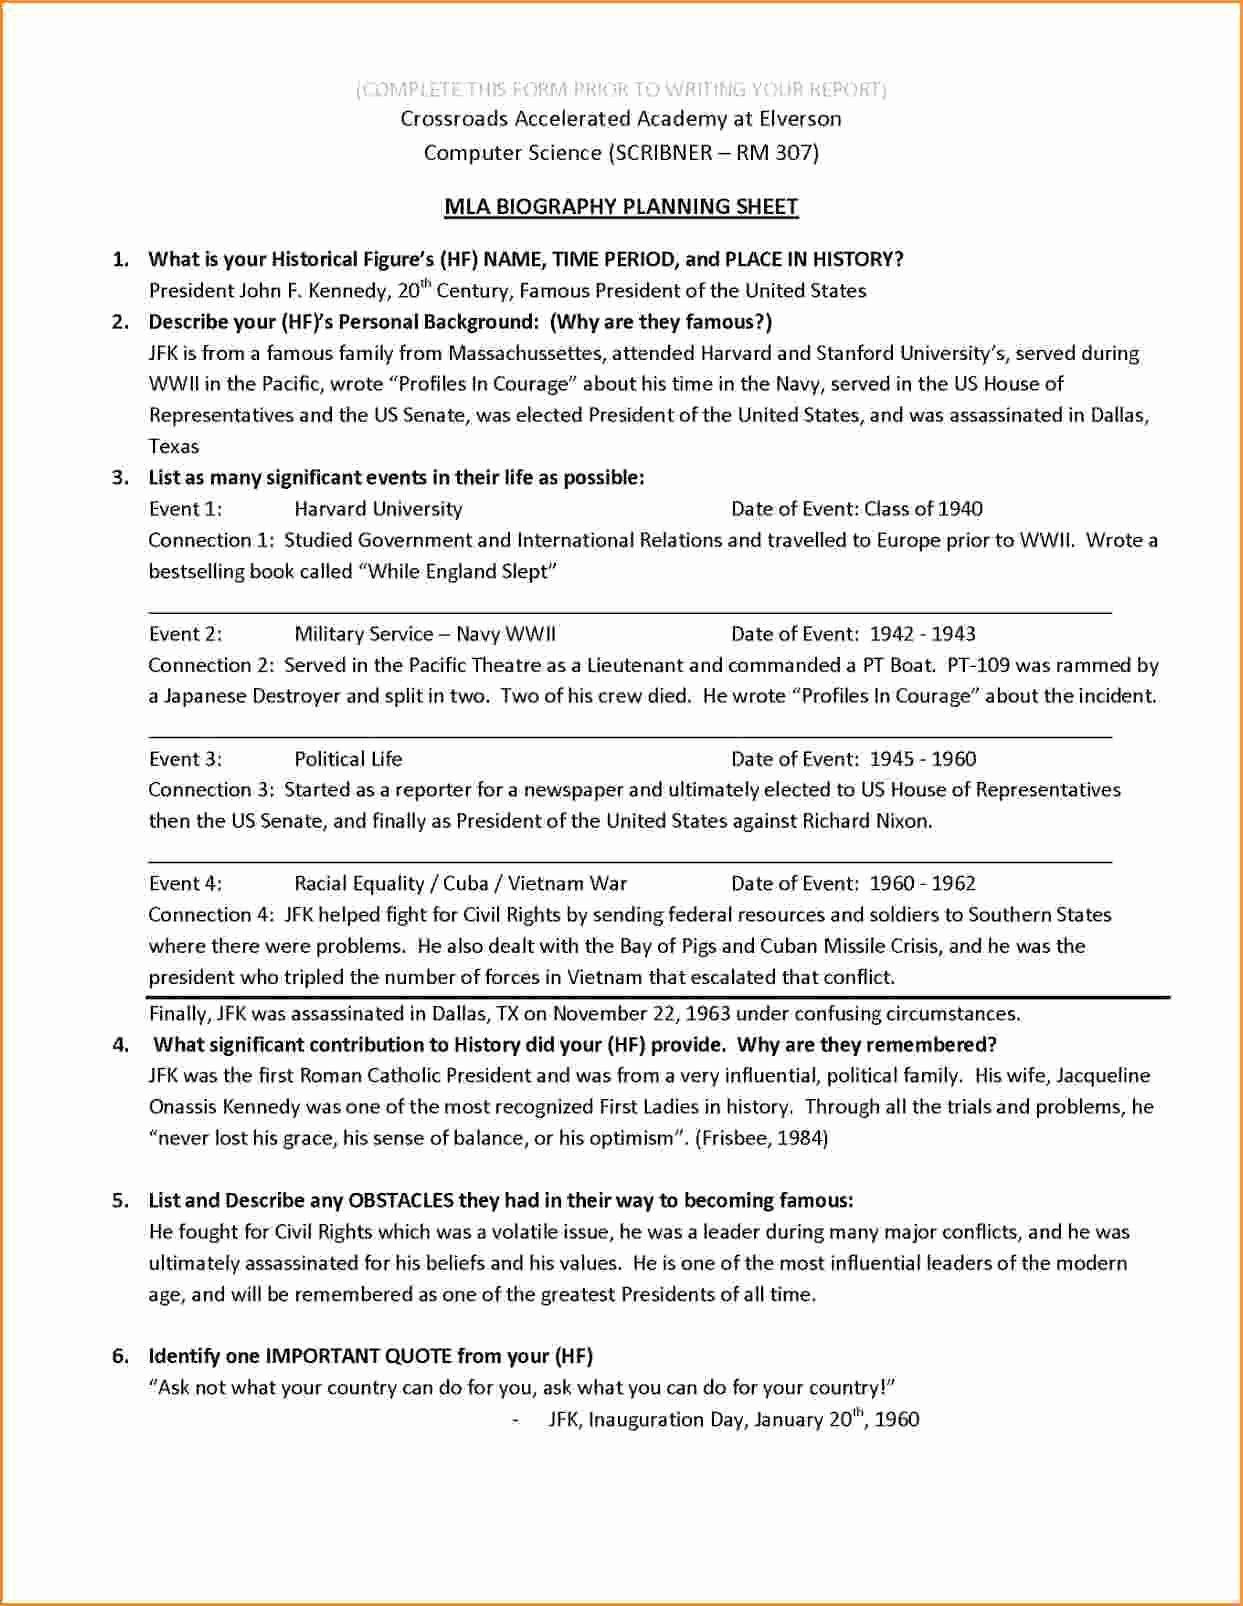 Senate Bill format Elegant Senate Bill Template and Cover Letter District attorney